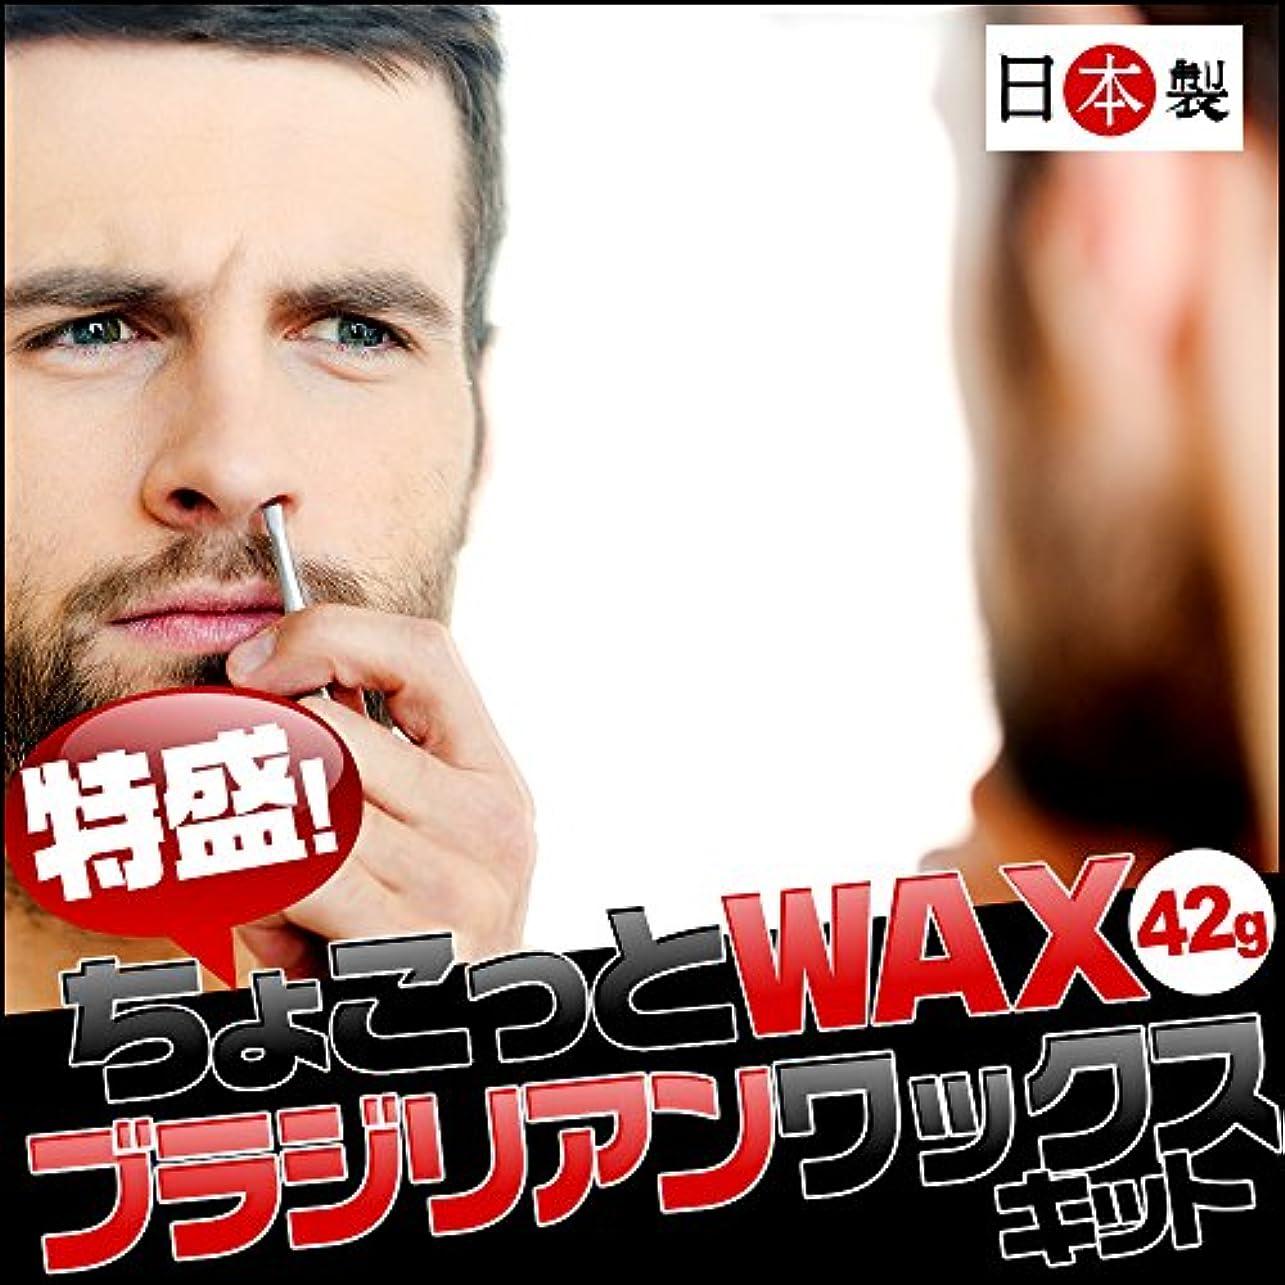 じゃがいもパーフェルビッド植物学者日本製ワックスで安心!鼻毛脱毛  特盛  ちょこっとWax 6回分 (鼻毛スティック12本)